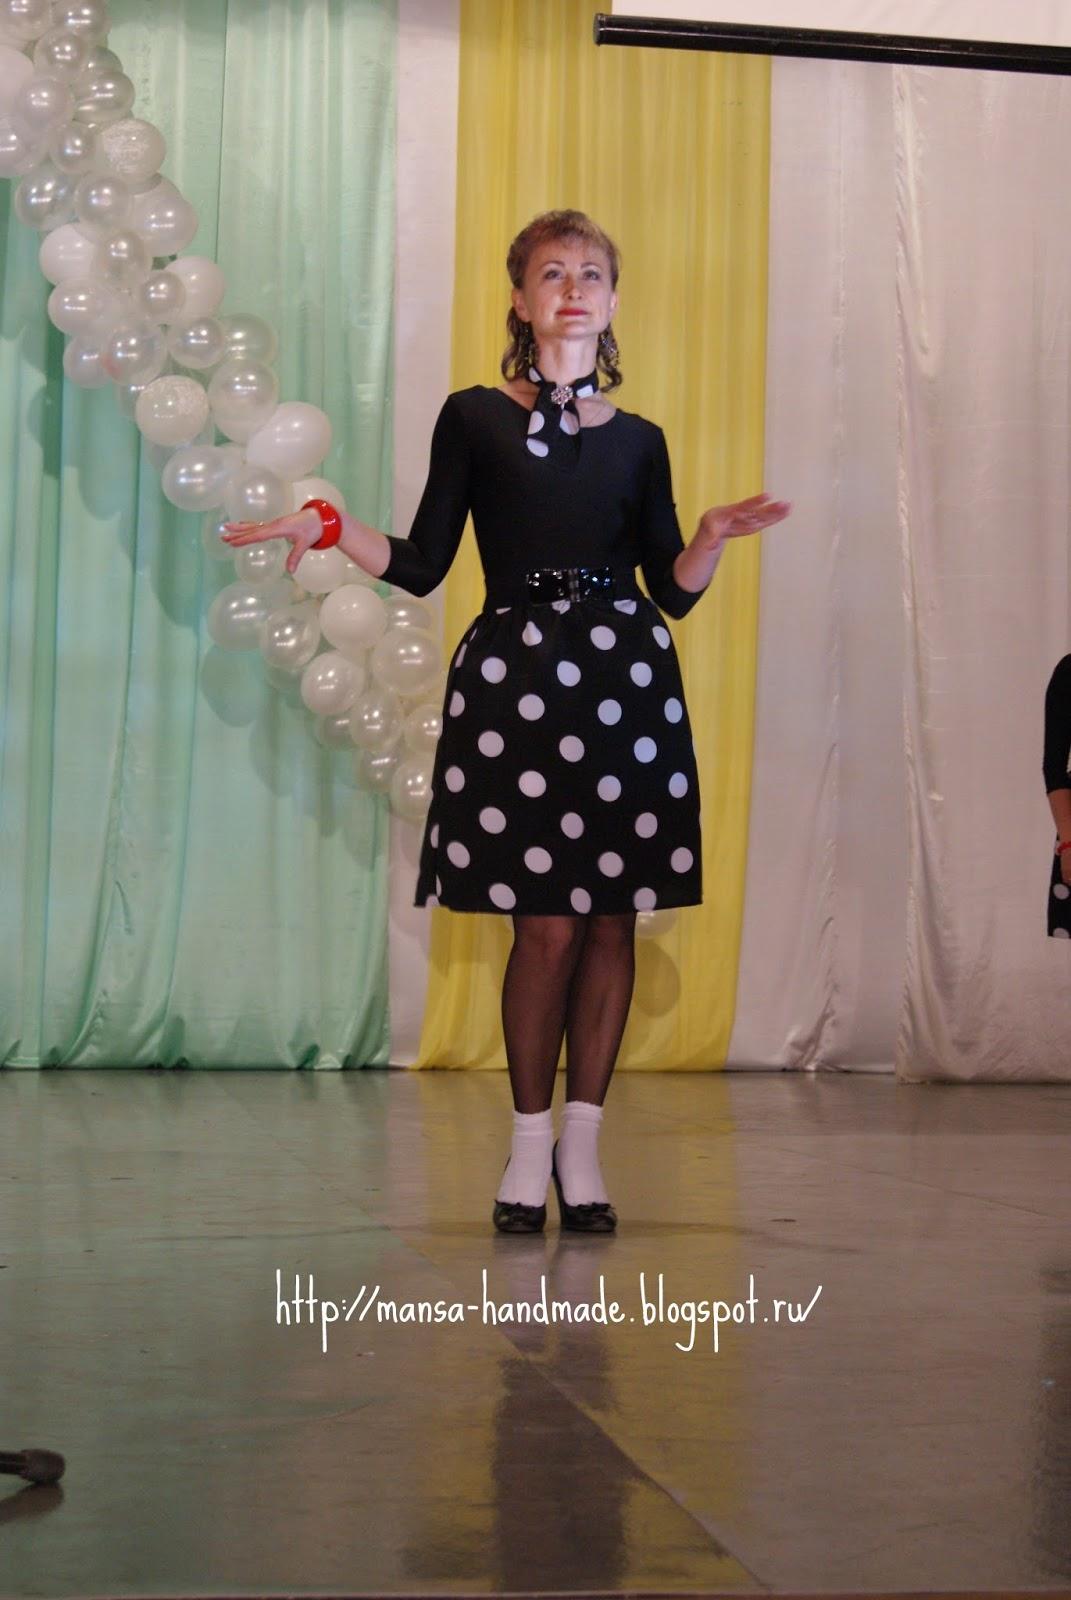 Танцевала без юбки фото 3 фотография